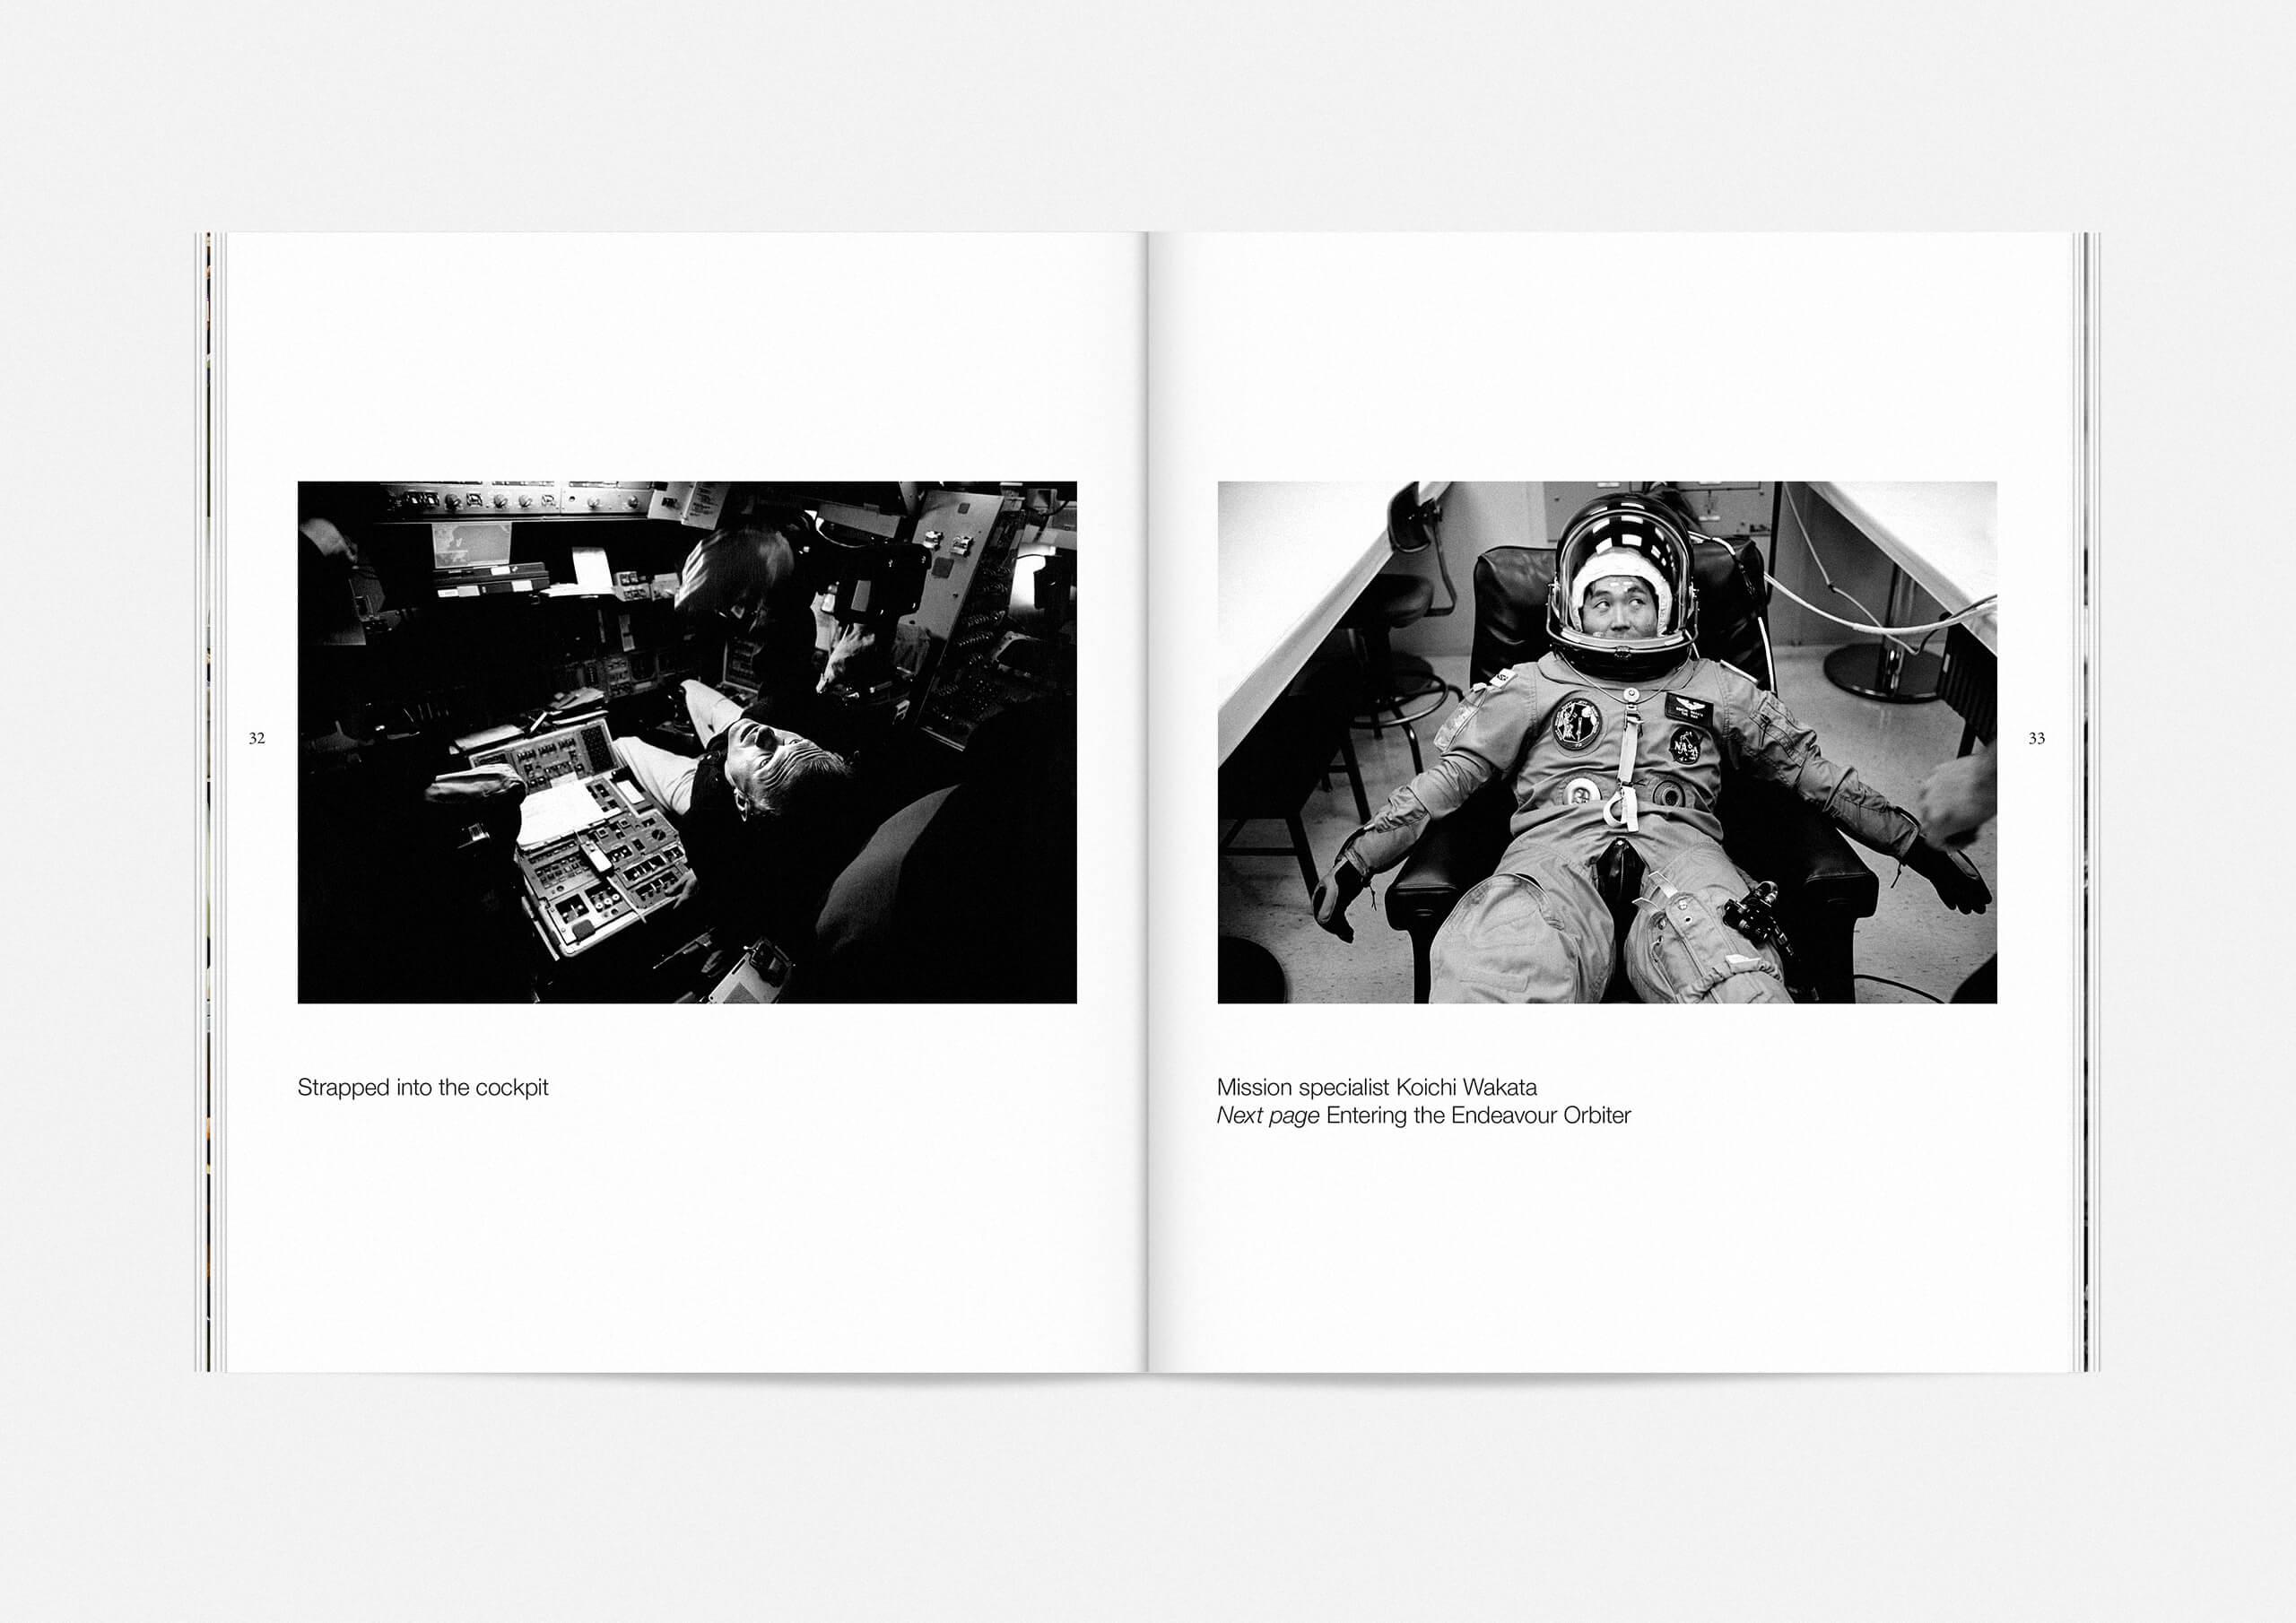 https://neuegestaltung.de/media/pages/clients/teller-magazine-issue-2/fdd5c30d92-1597415082/teller_issue_02_innenseite_32_33_ng.jpg